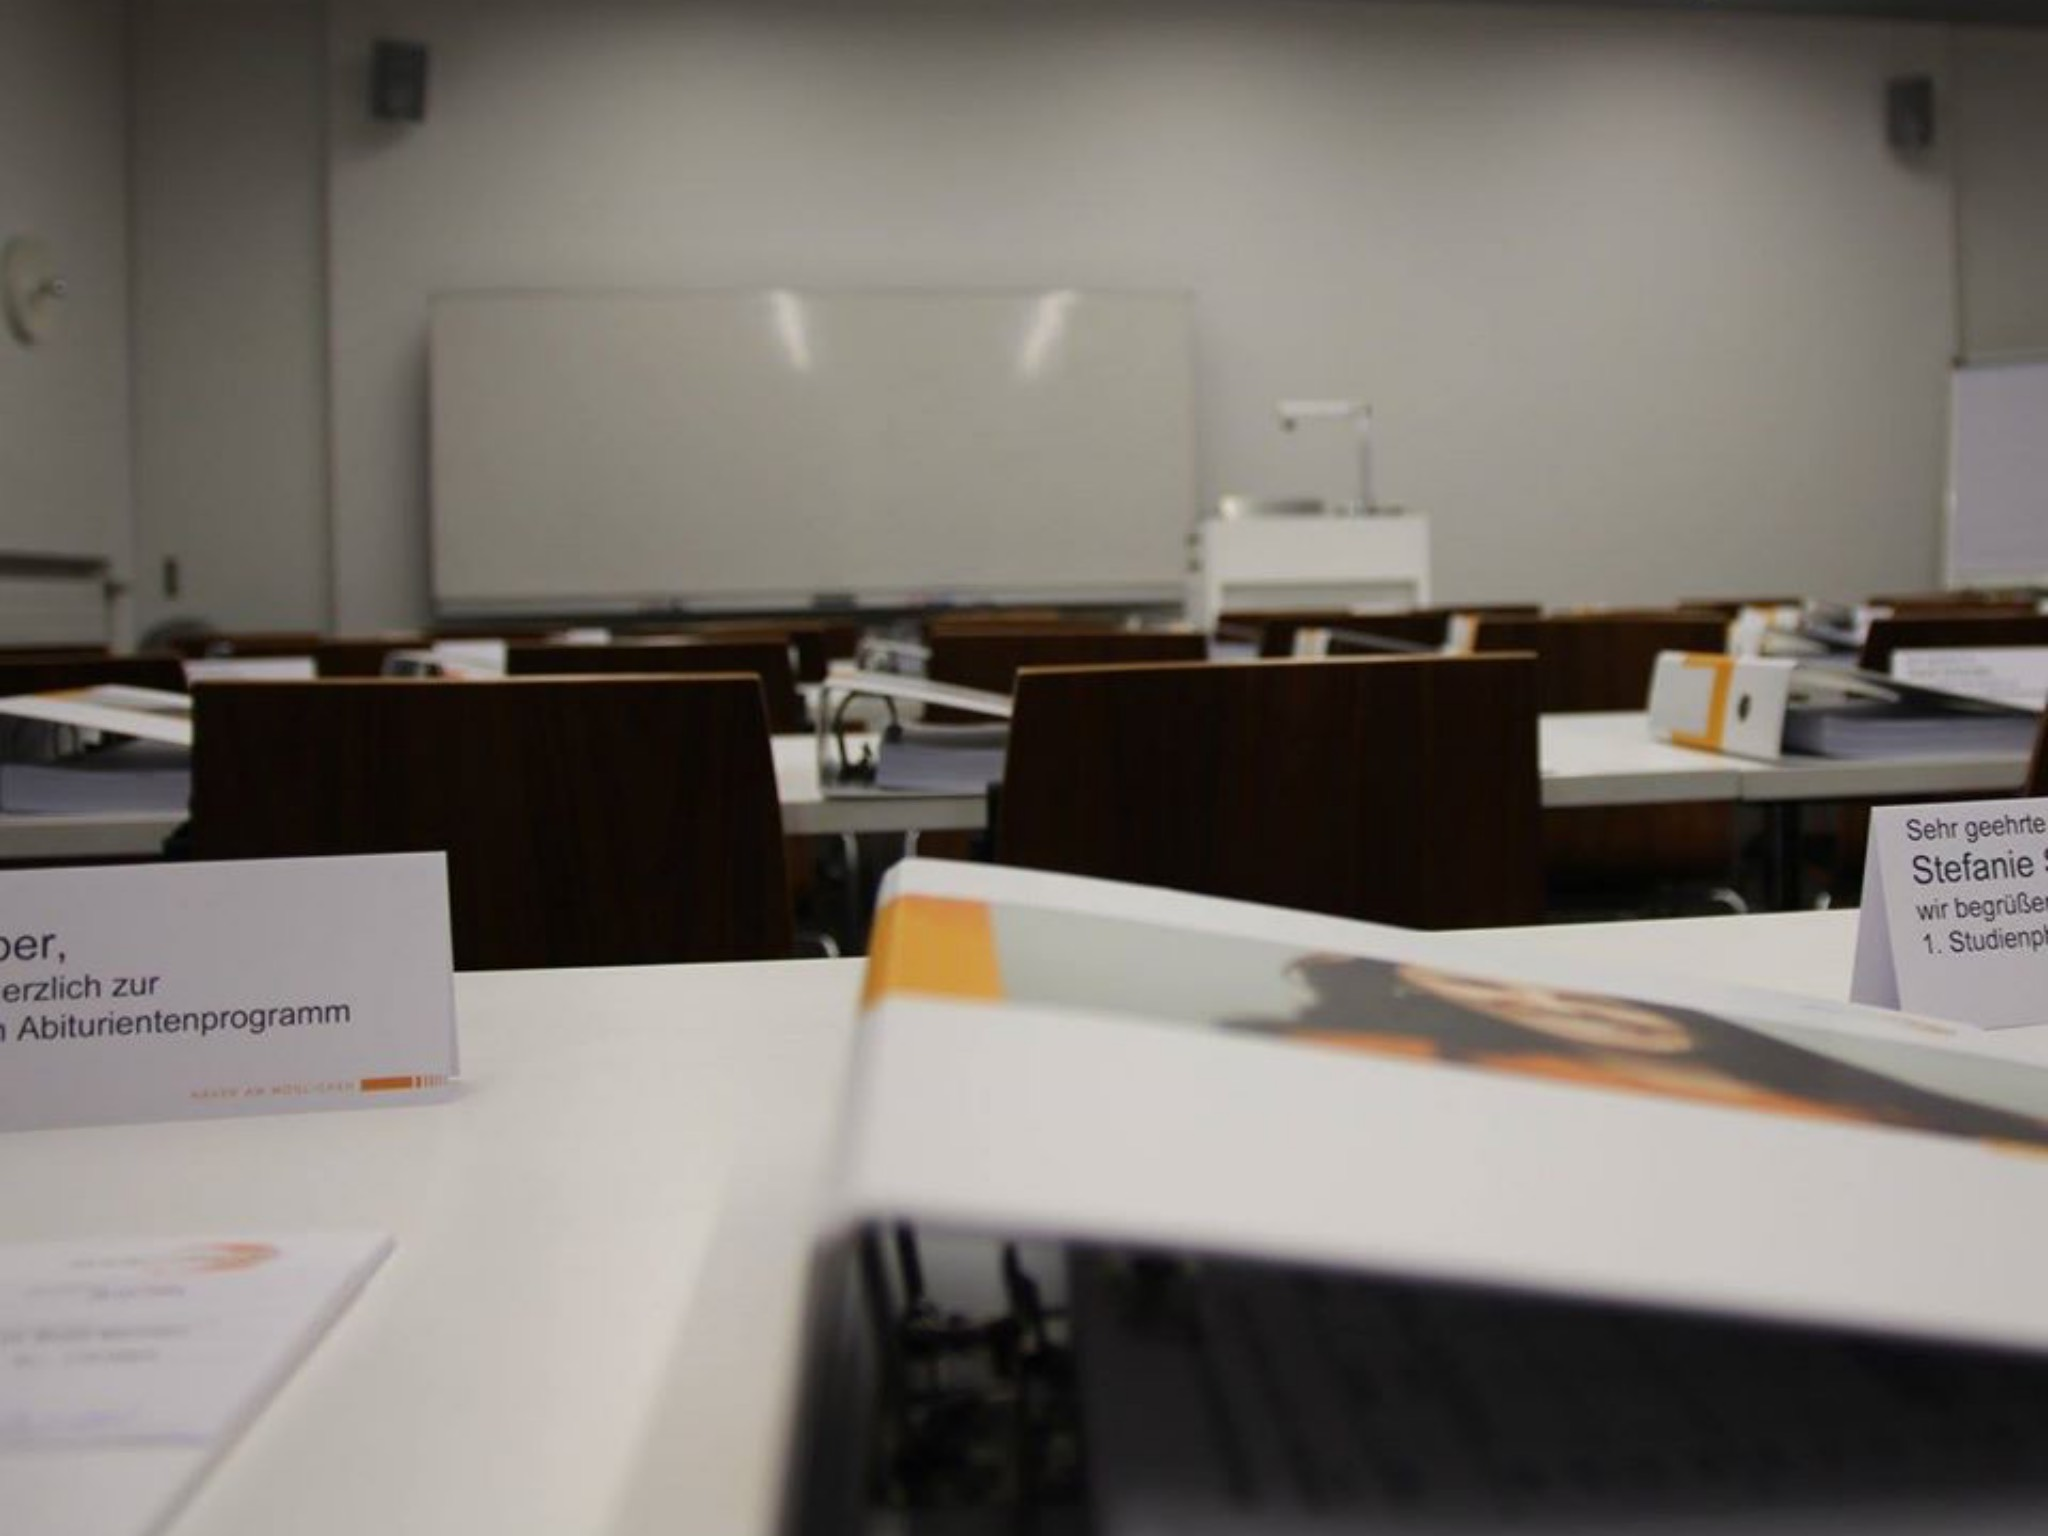 Neben der Weiterbildung zum Handelsfachwirt (m/w/d) bietet die Akademie Handel noch weitere Aus- und Weiterbildungsmöglichkeiten an. Foto: Akademie Handel